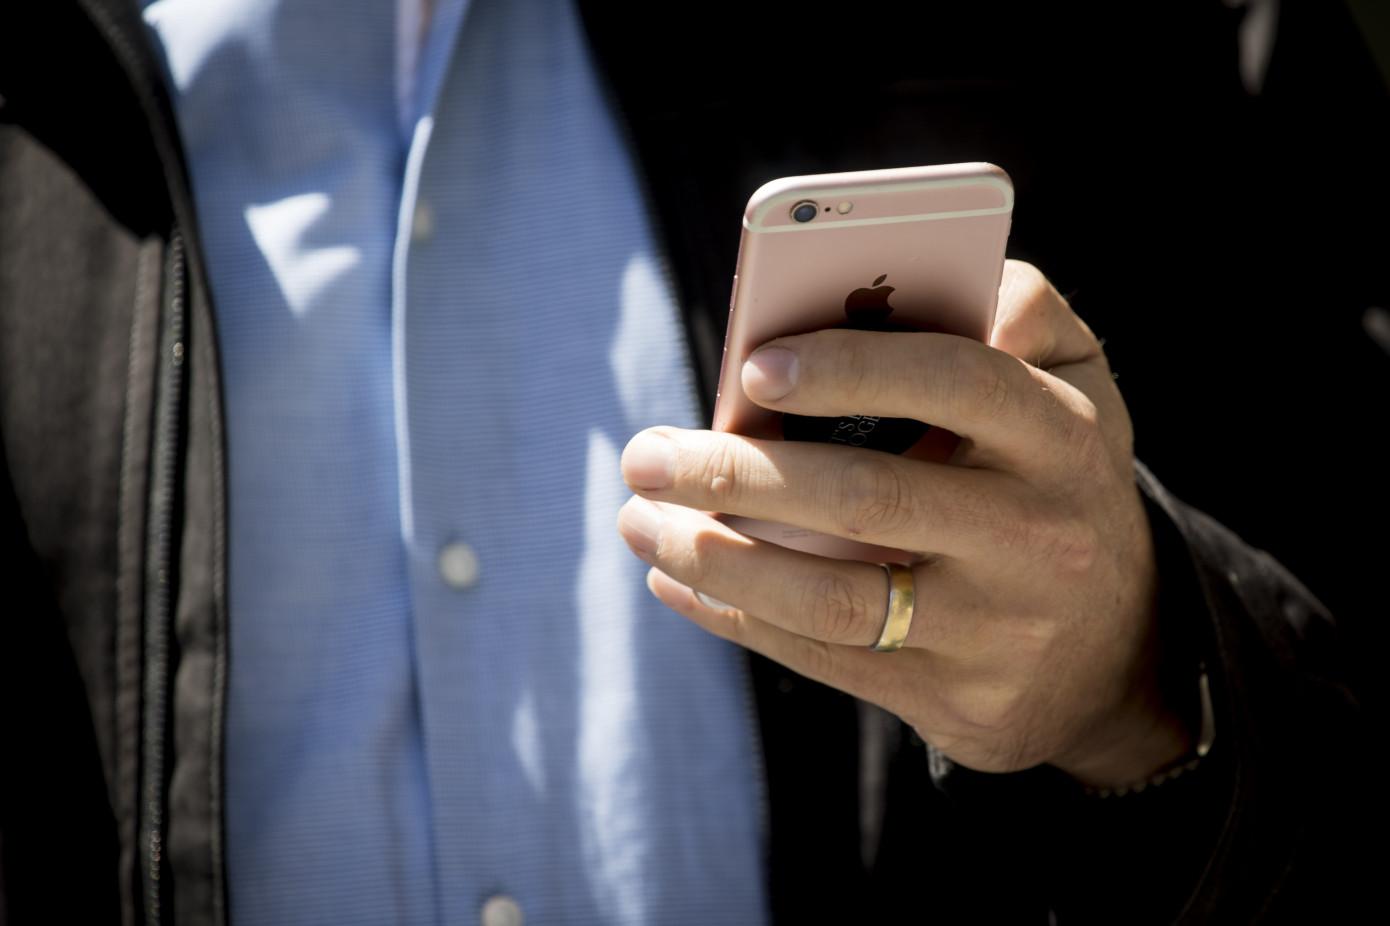 Jednoduchý kód může restartovat váš iPhone či iPad